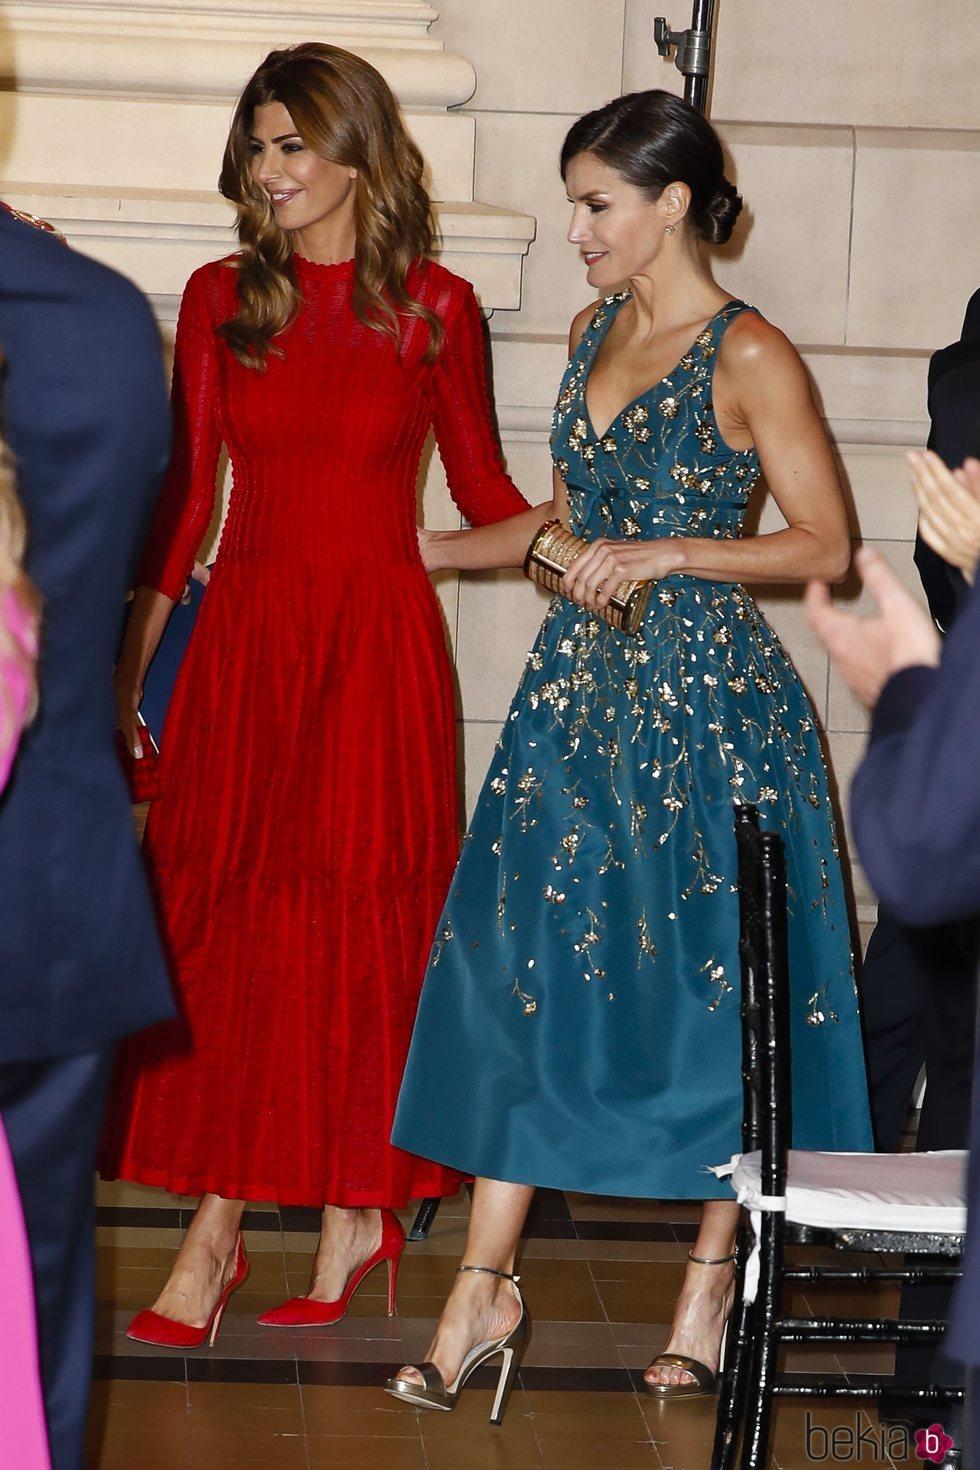 La Reina Letizia y Juliana Awada en la cena de gala por el Viaje de Estado de los Reyes Felipe y Letizia a Argentina